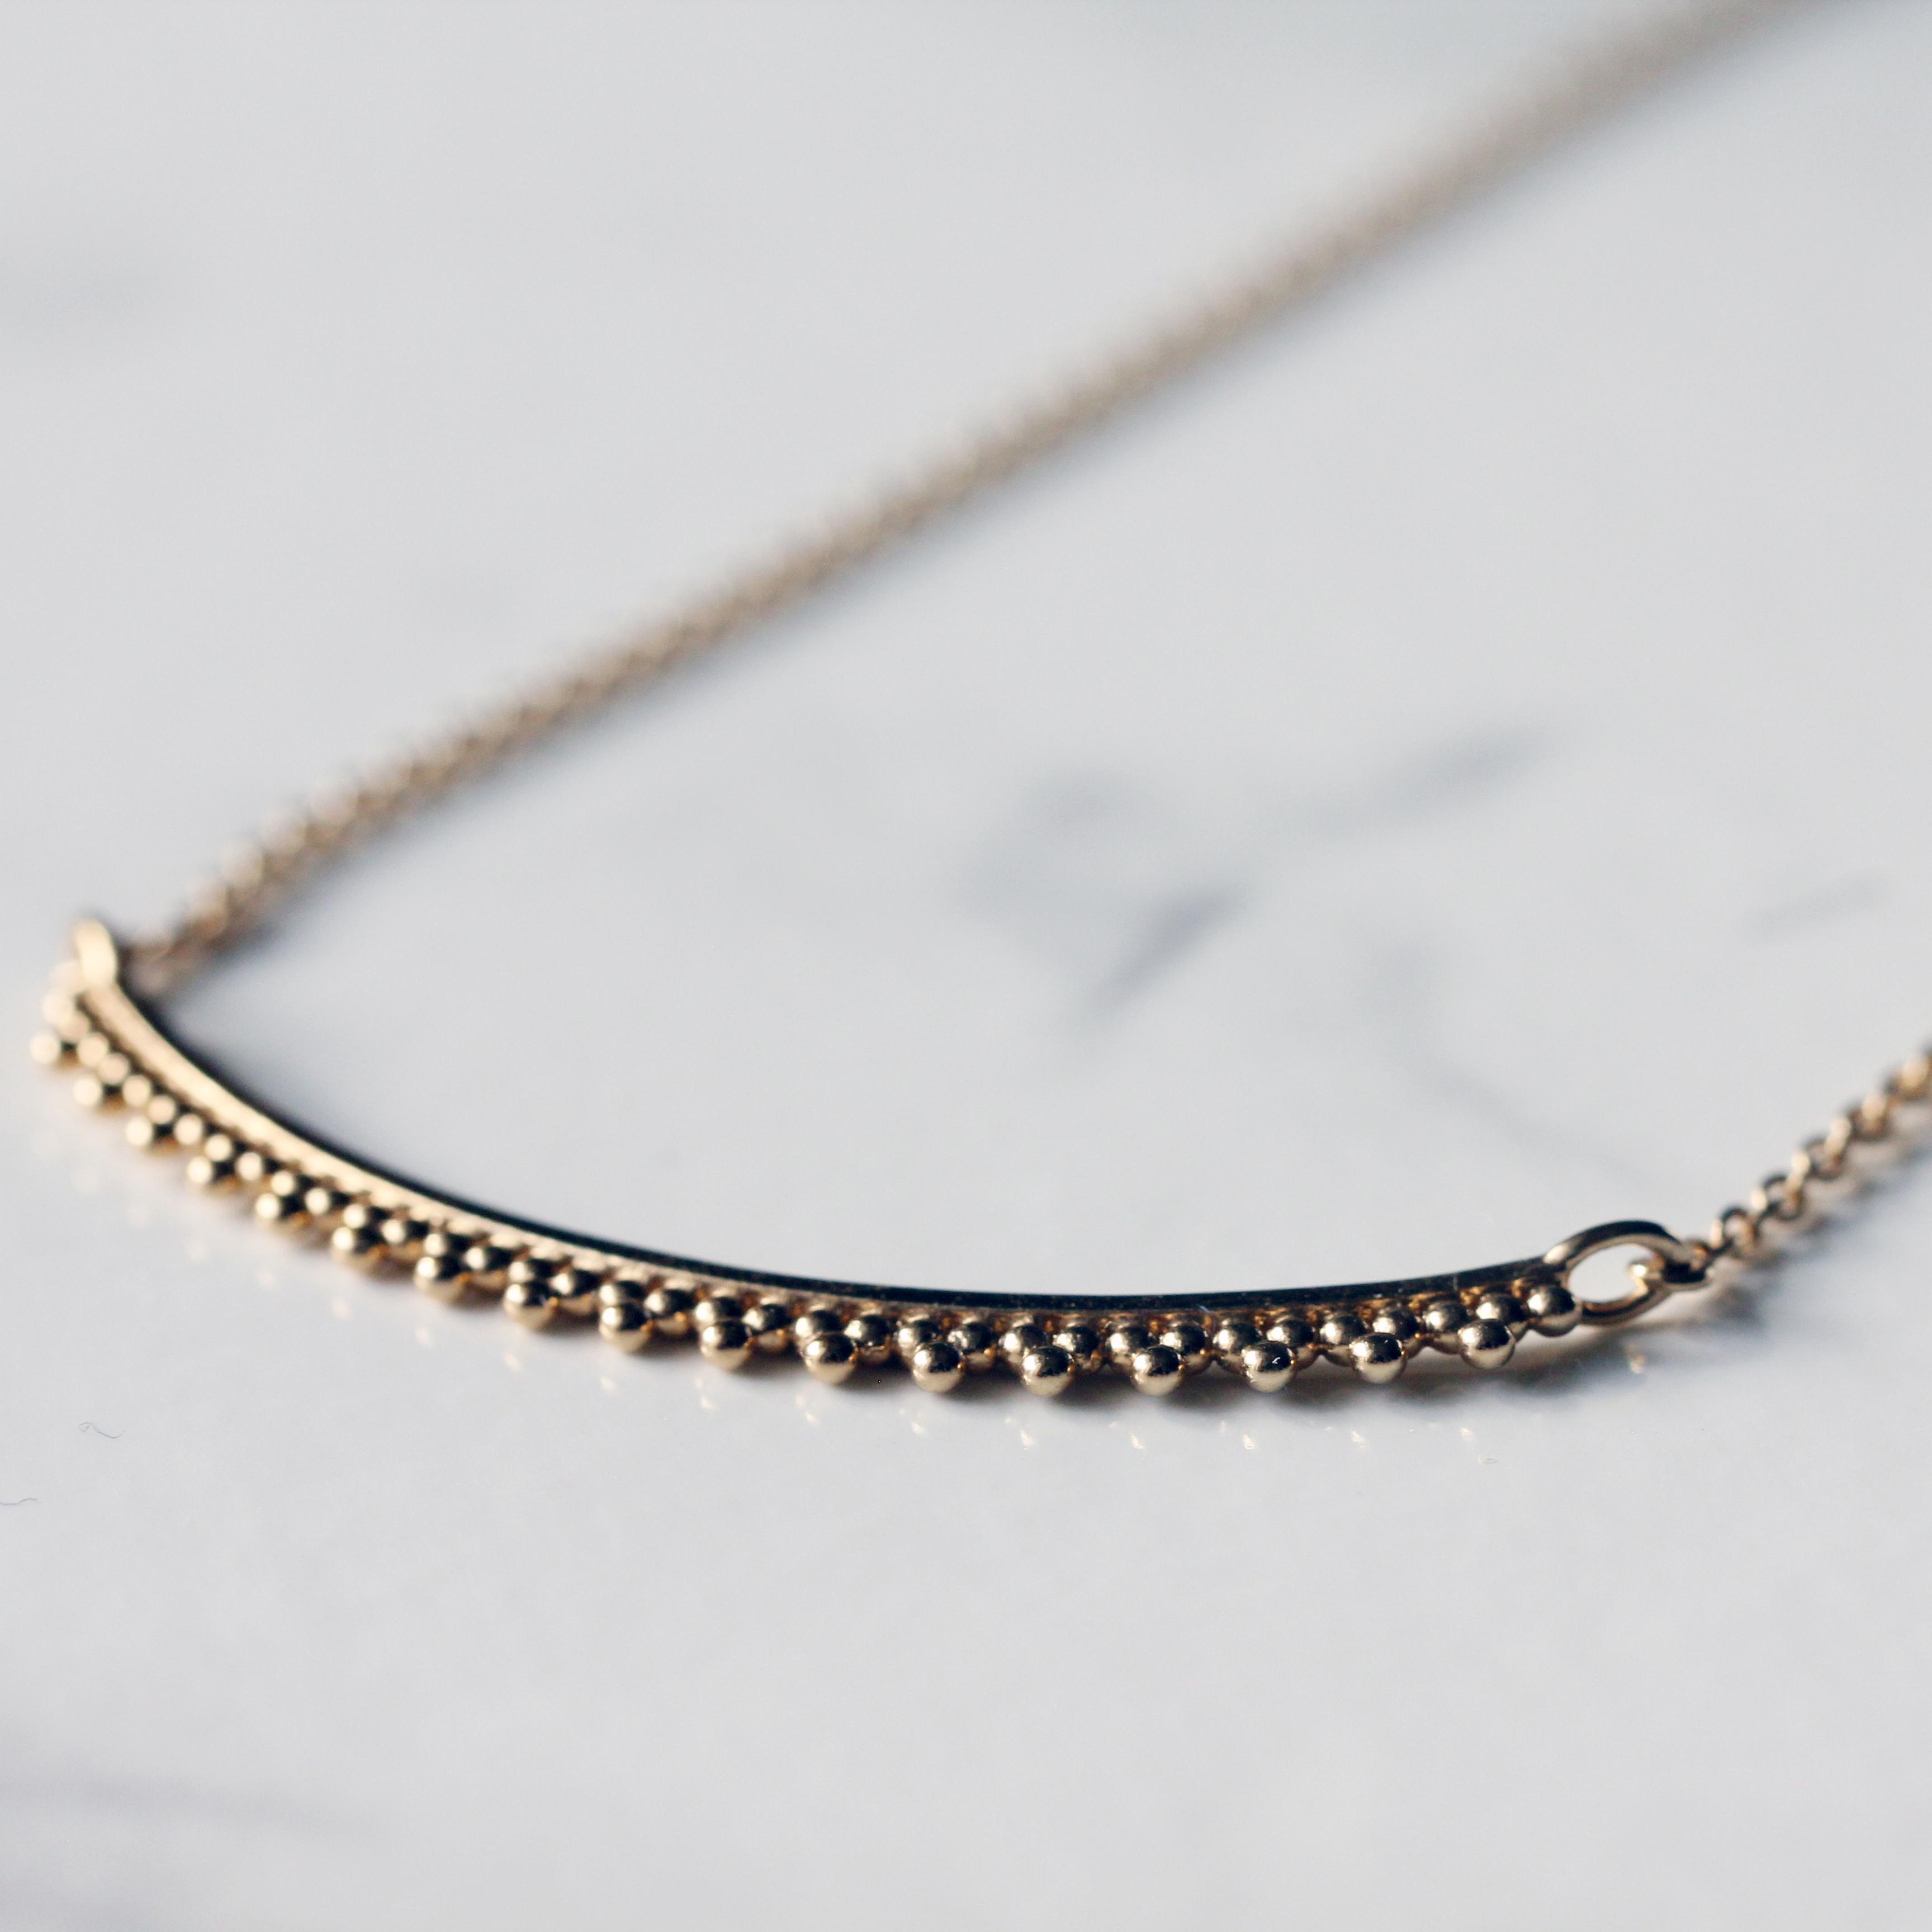 Triangle grain necklace / K18